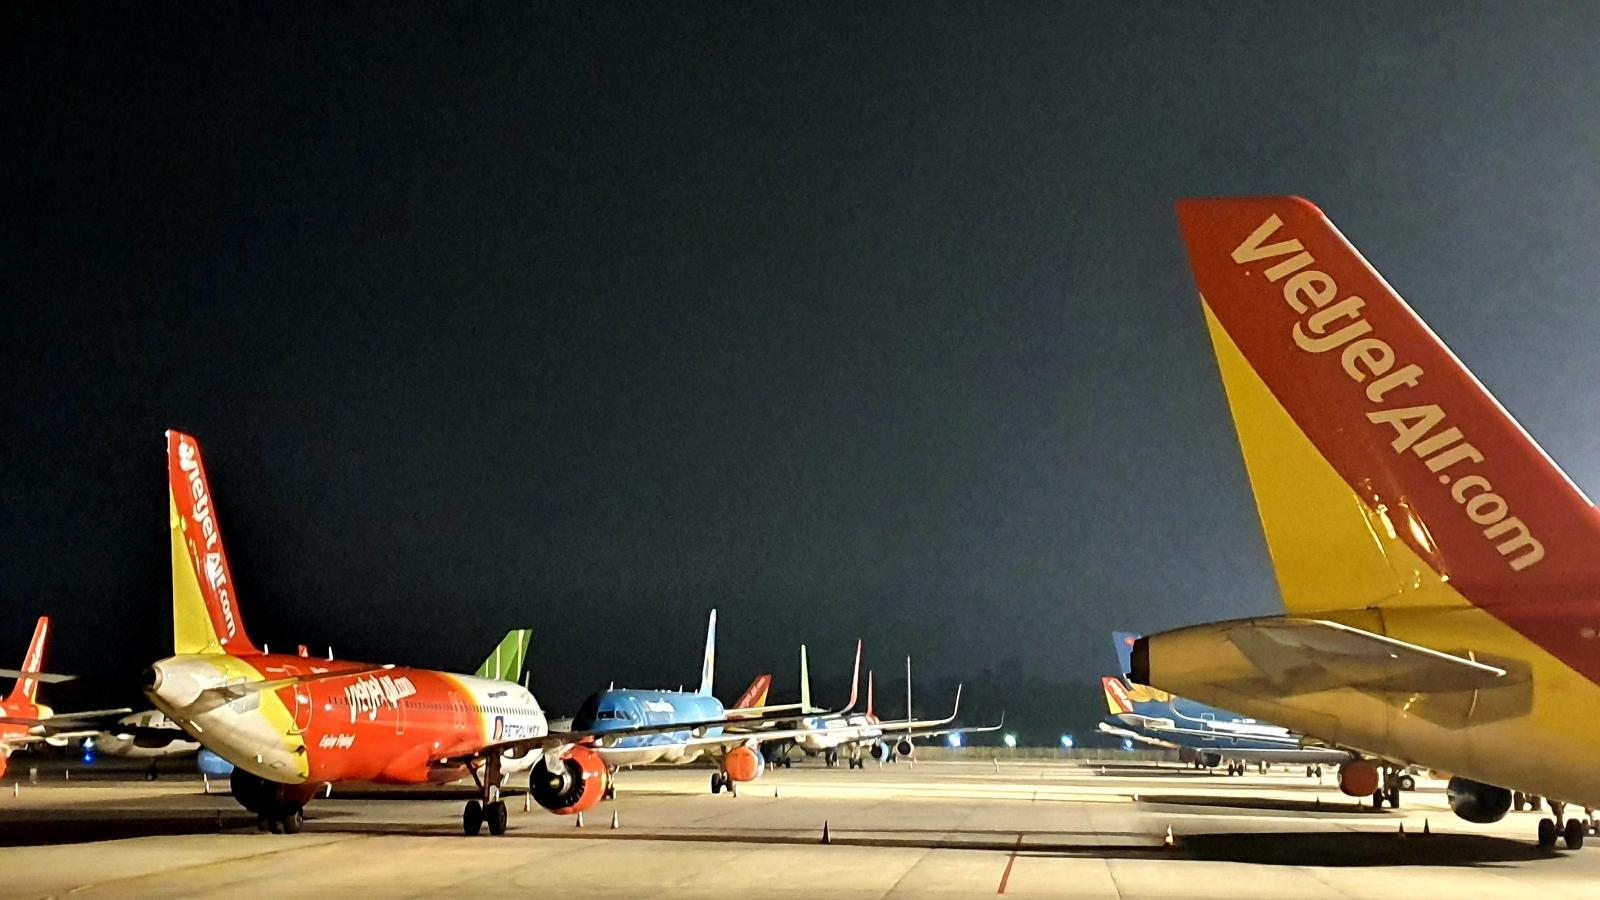 """Bán vé khi chưa có lịch bay, nhiều hãng bị Cục Hàng không """"tuýt còi"""""""